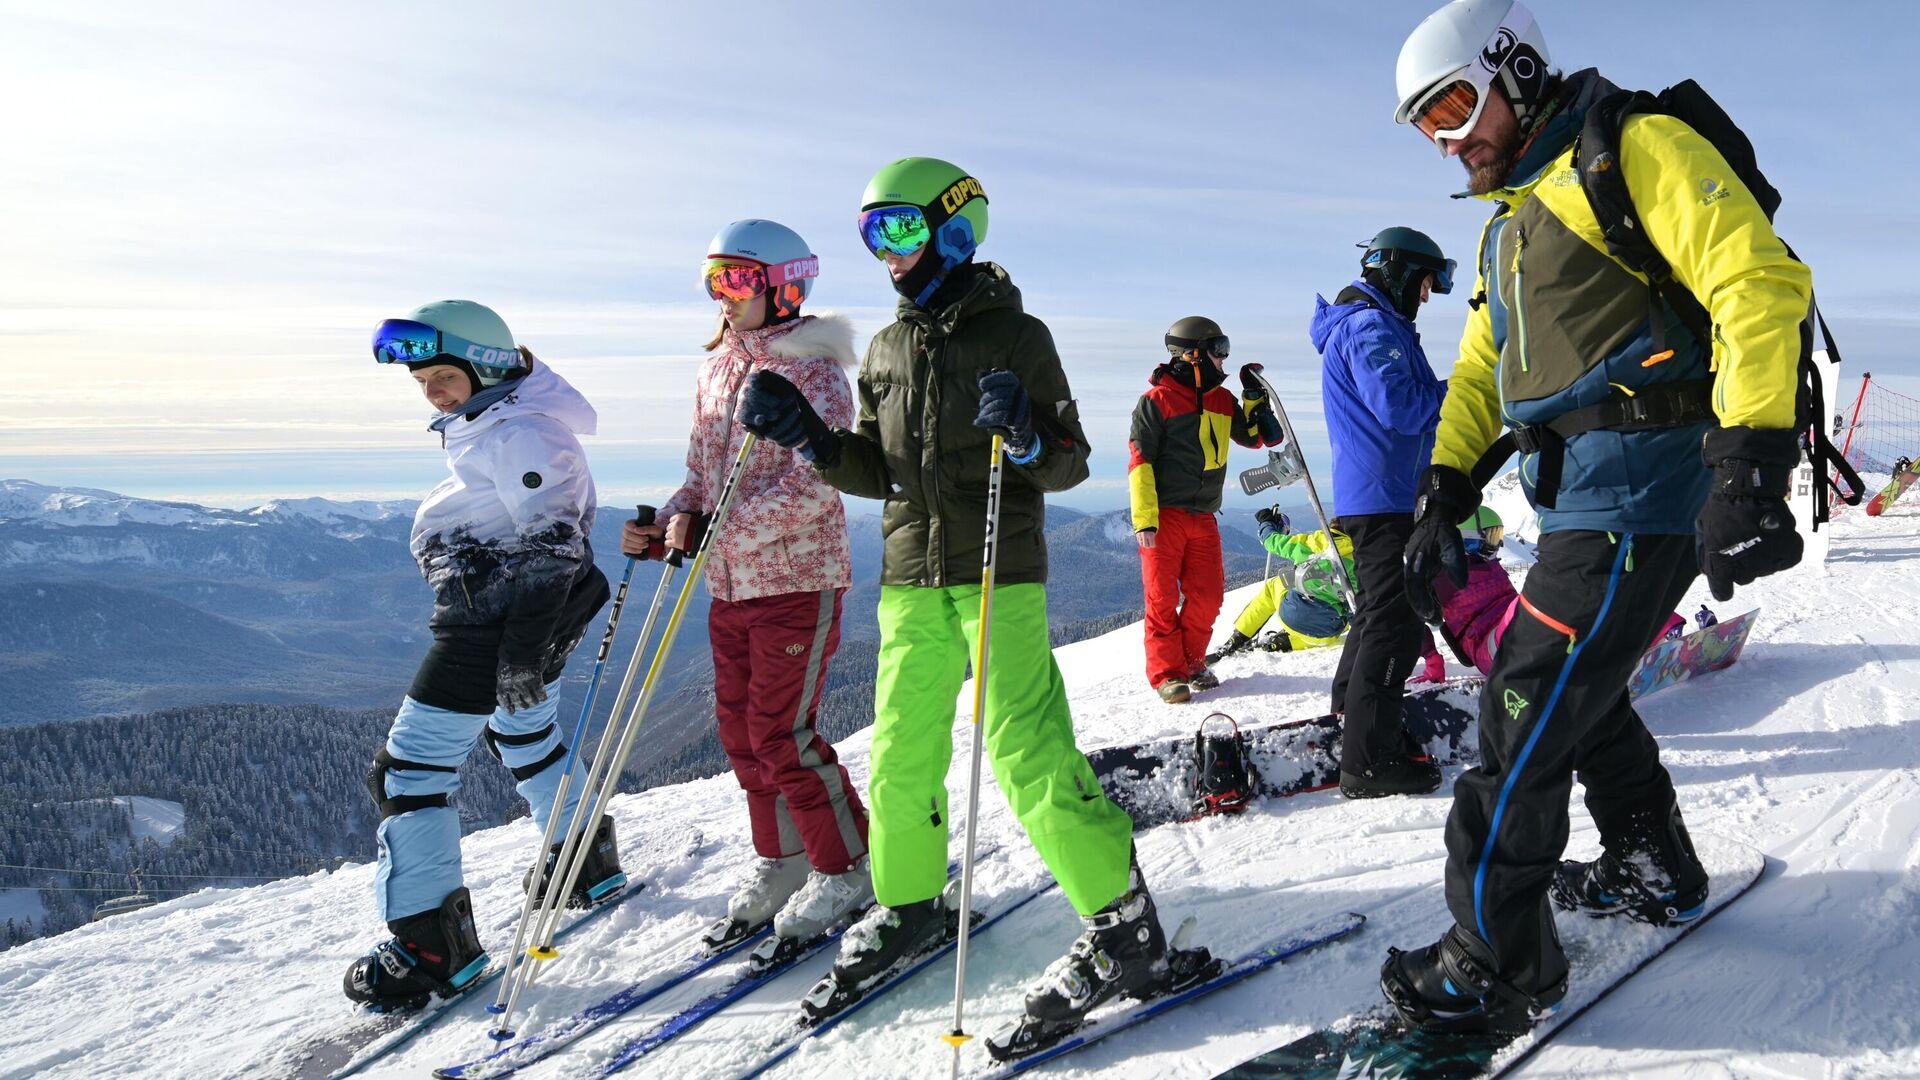 Отдыхающие на горнолыжном курорте Роза Хутор в Сочи - РИА Новости, 1920, 12.03.2021